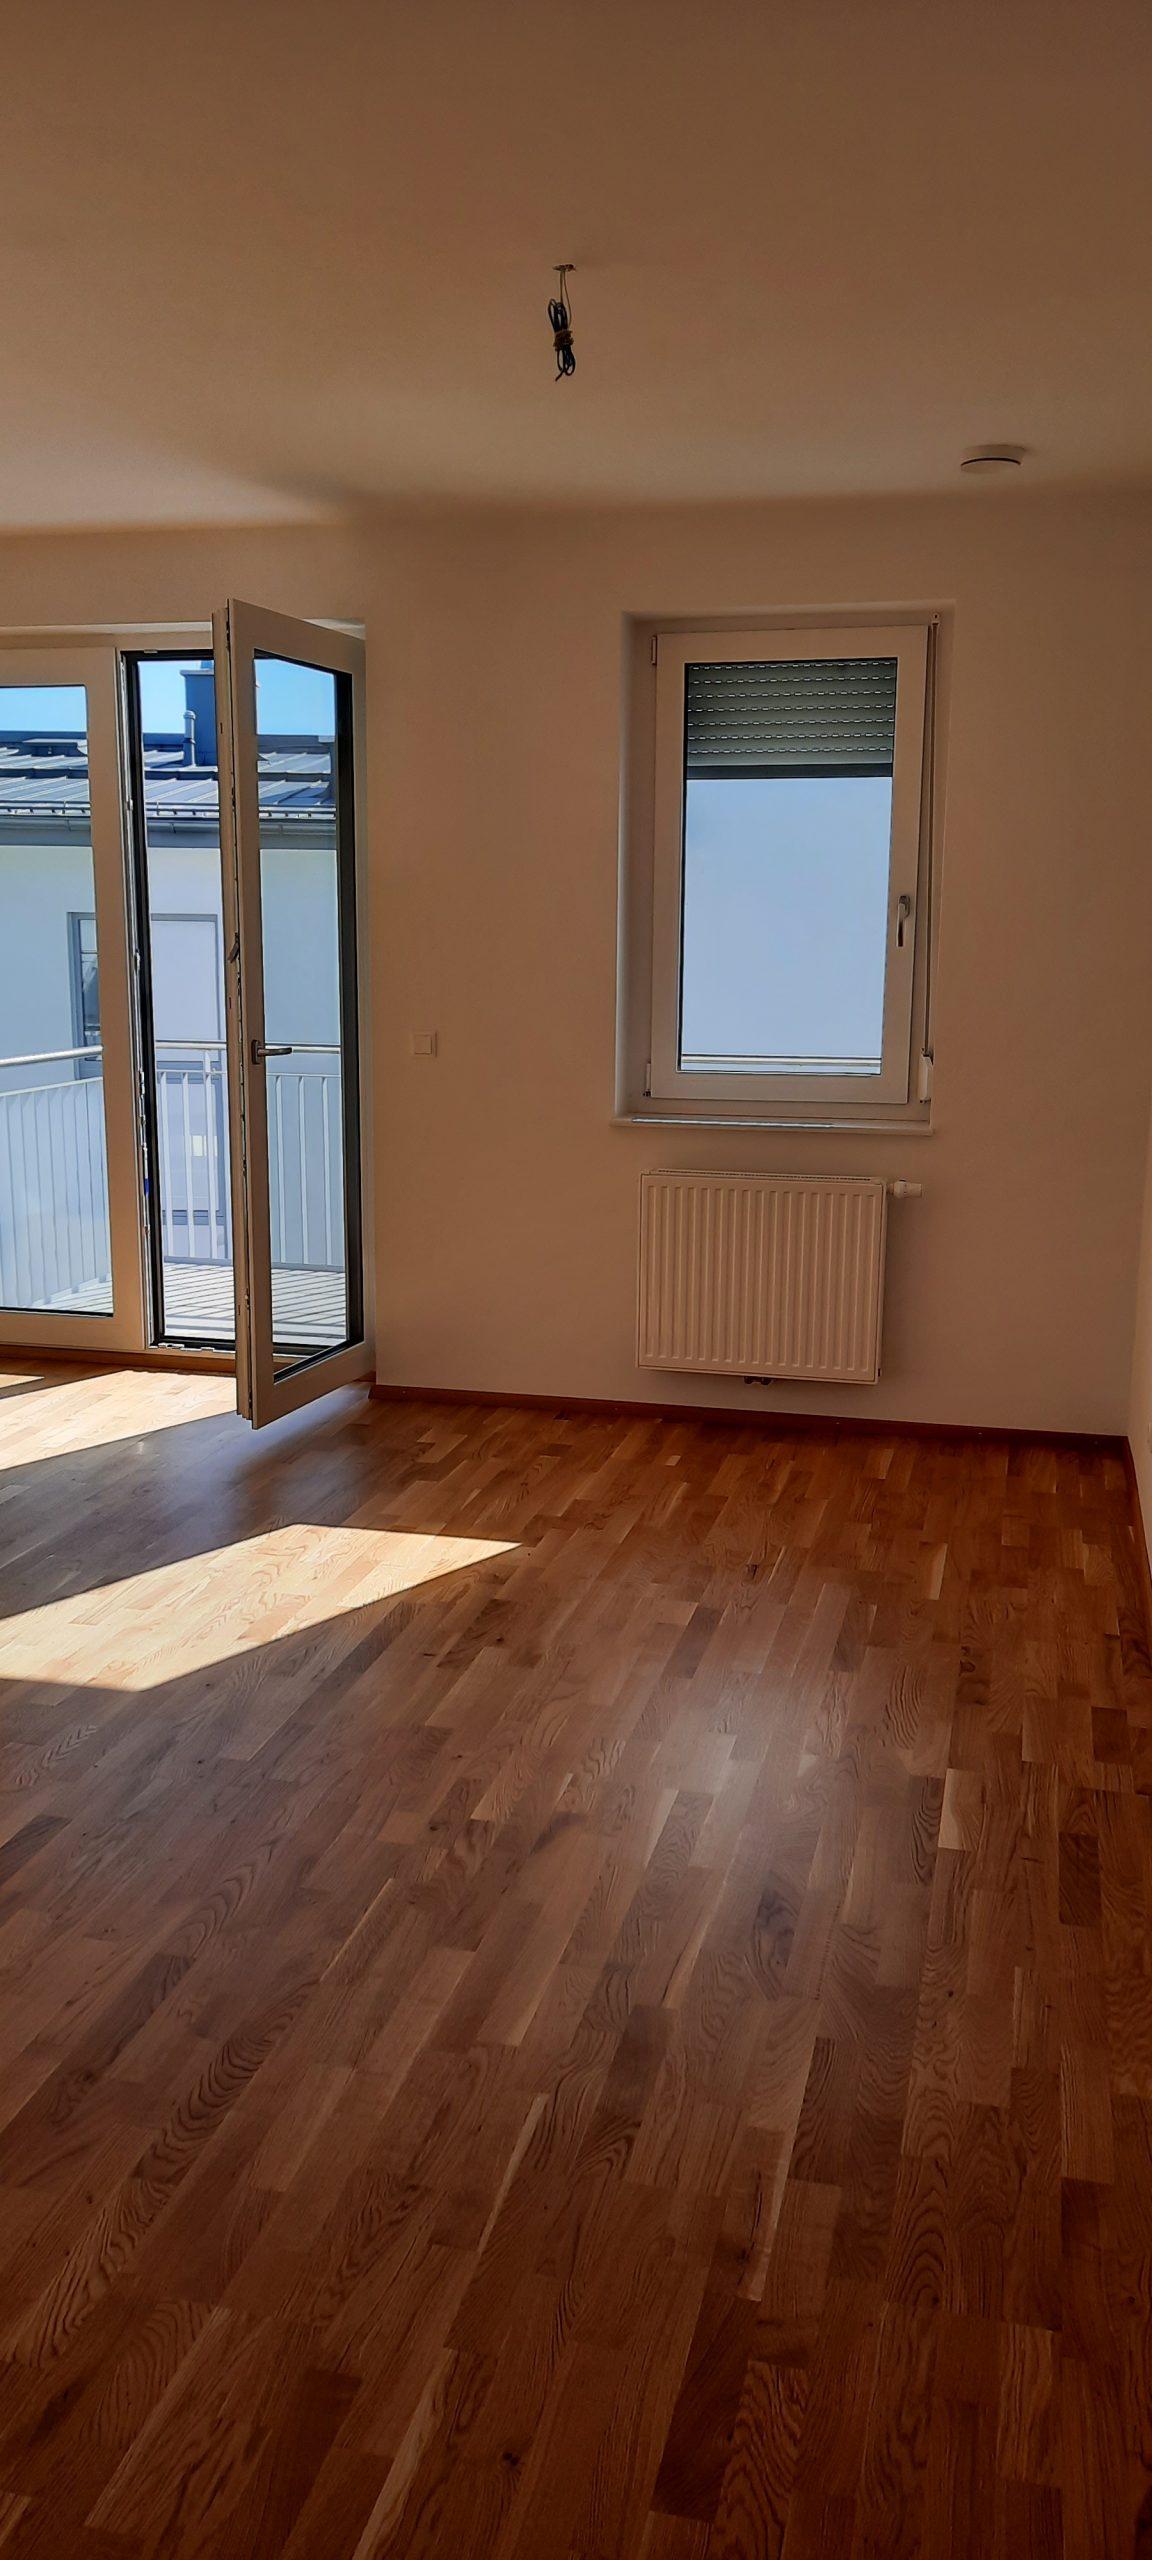 Immobilie von Kamptal in 3542 Gföhl, Krems(Land), Gföhl V/3 - Top 514 #0